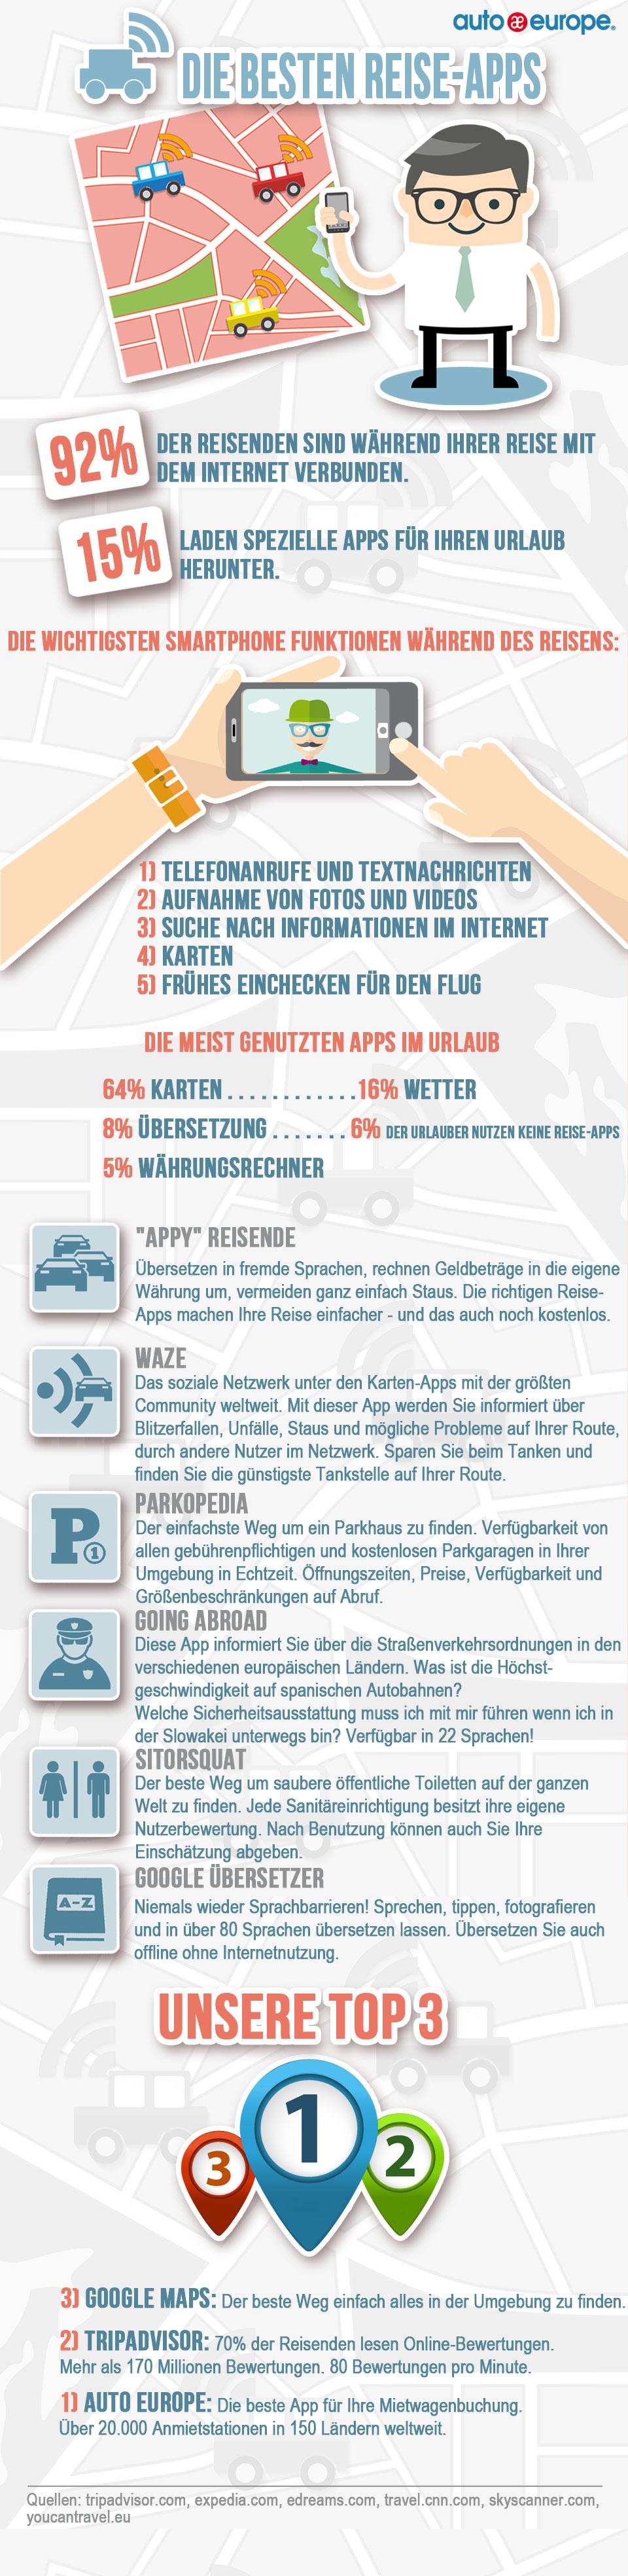 Auto Europe Mietwagen - Die besten Reise-Apps